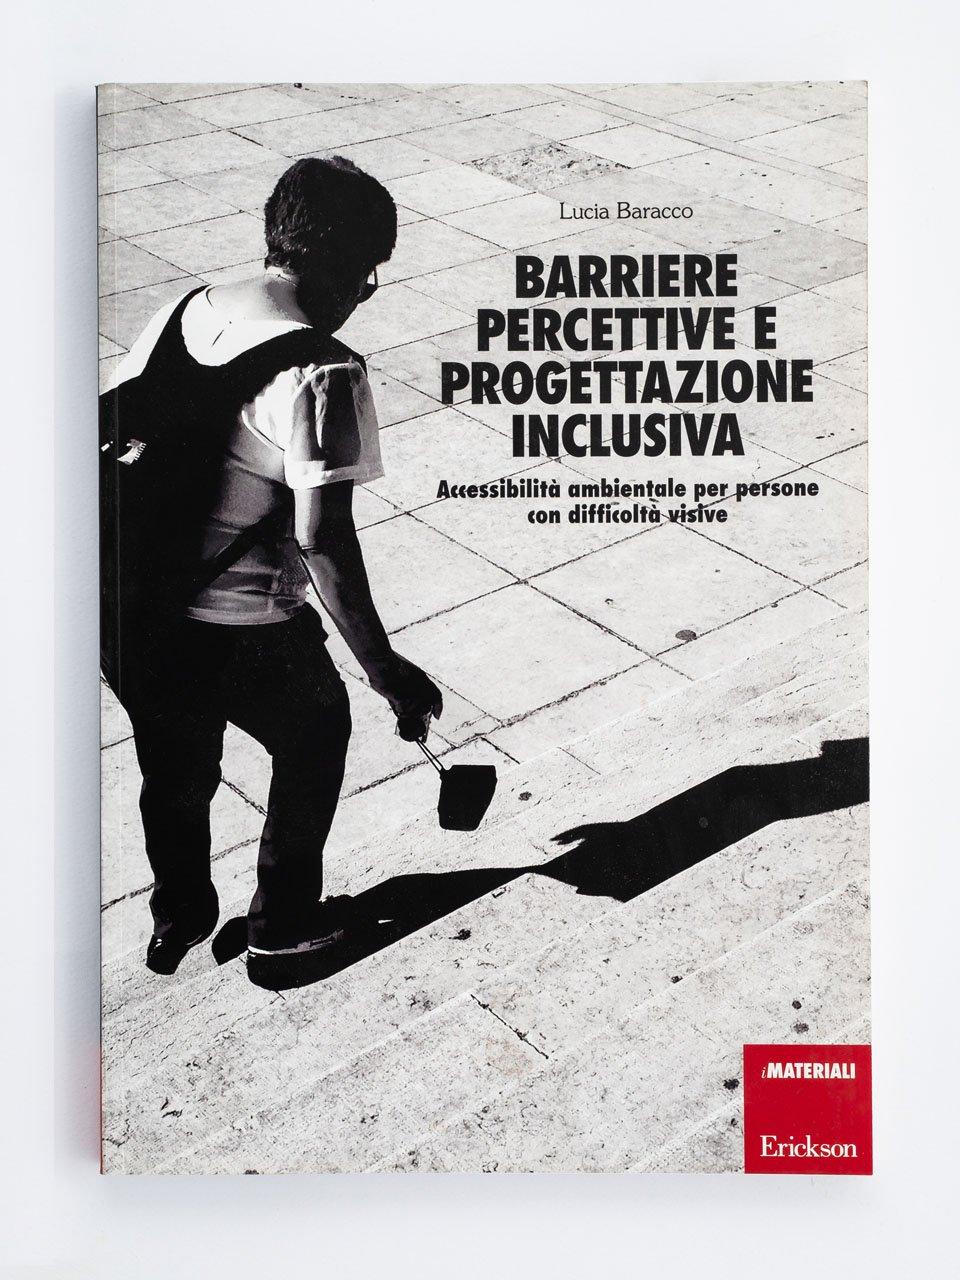 Barriere percettive e progettazione inclusiva - Conosco il mondo con la LIS - Libri - Erickson